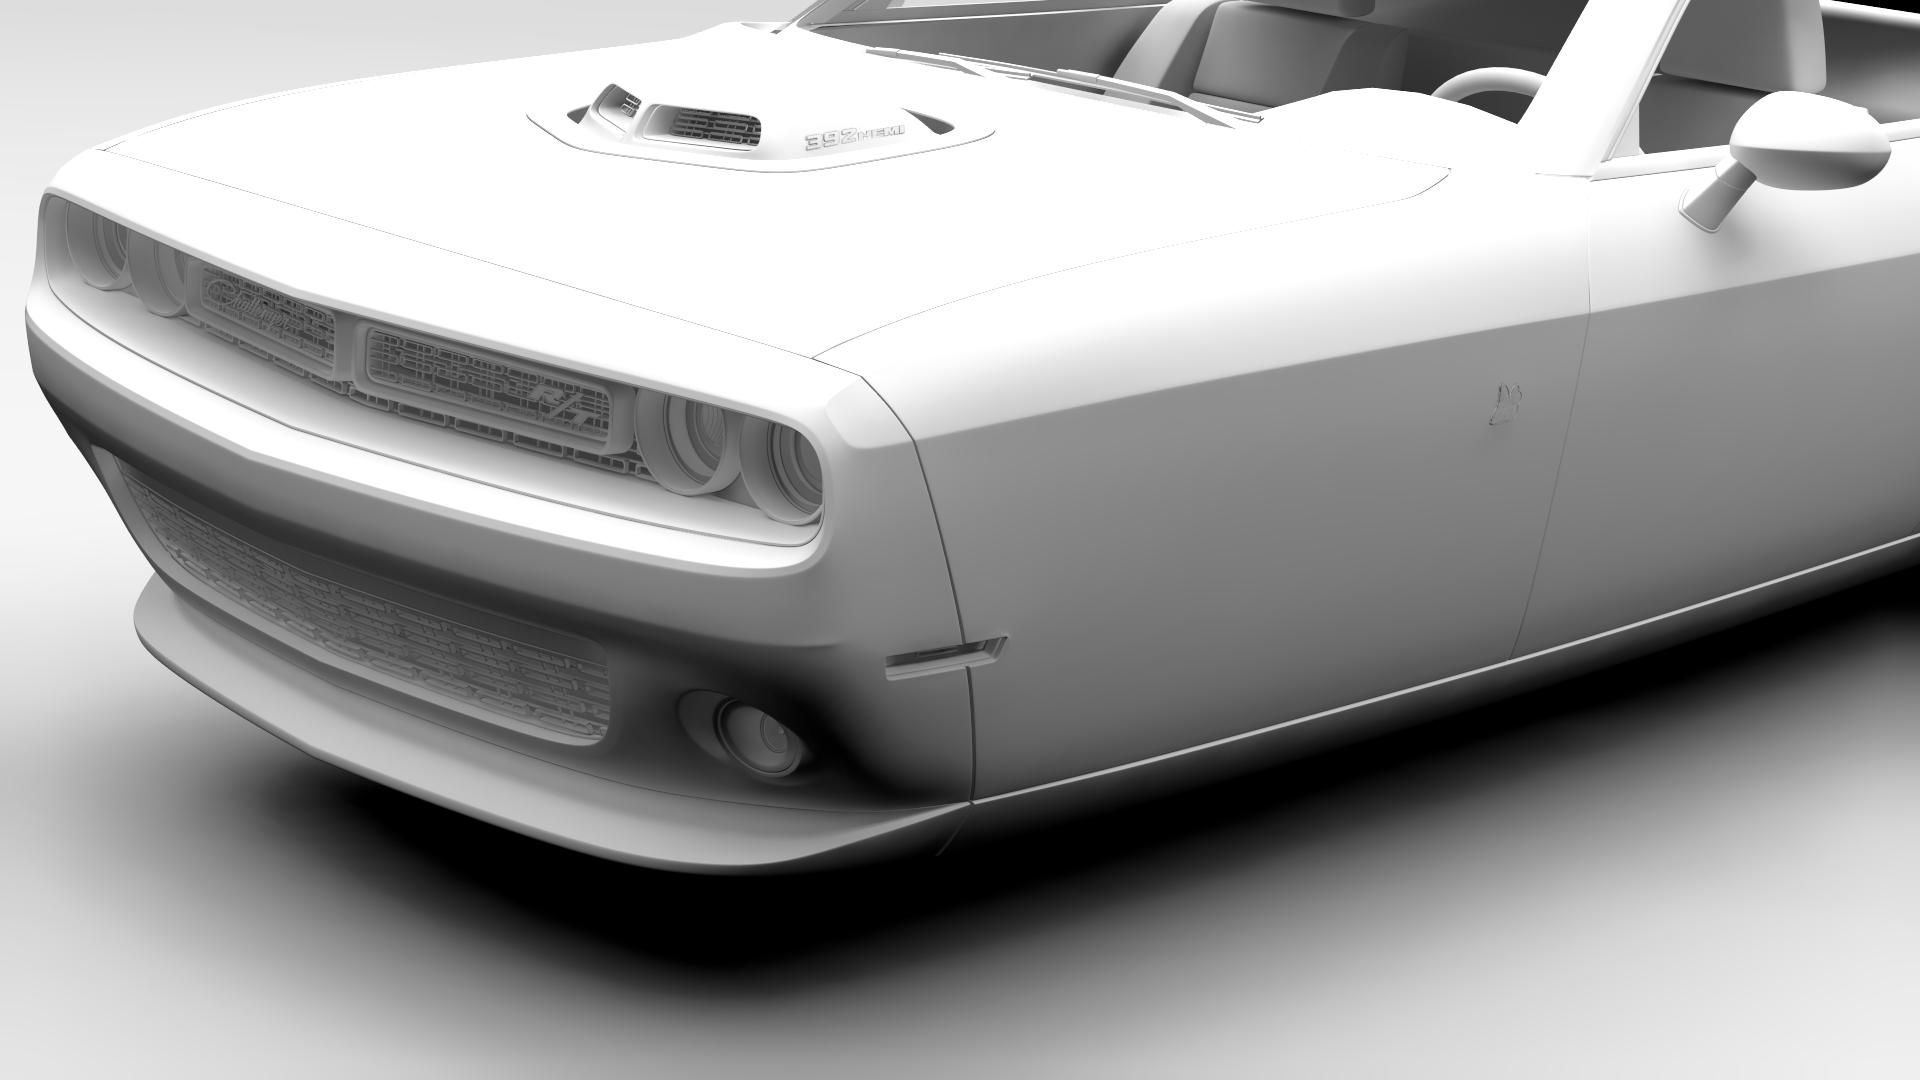 Dodge Challenger 392 shaker (lc) 2016 yn hedfan model 3d 3ds max fbx c4d ar gyfer yr hrc xsi obj 220612